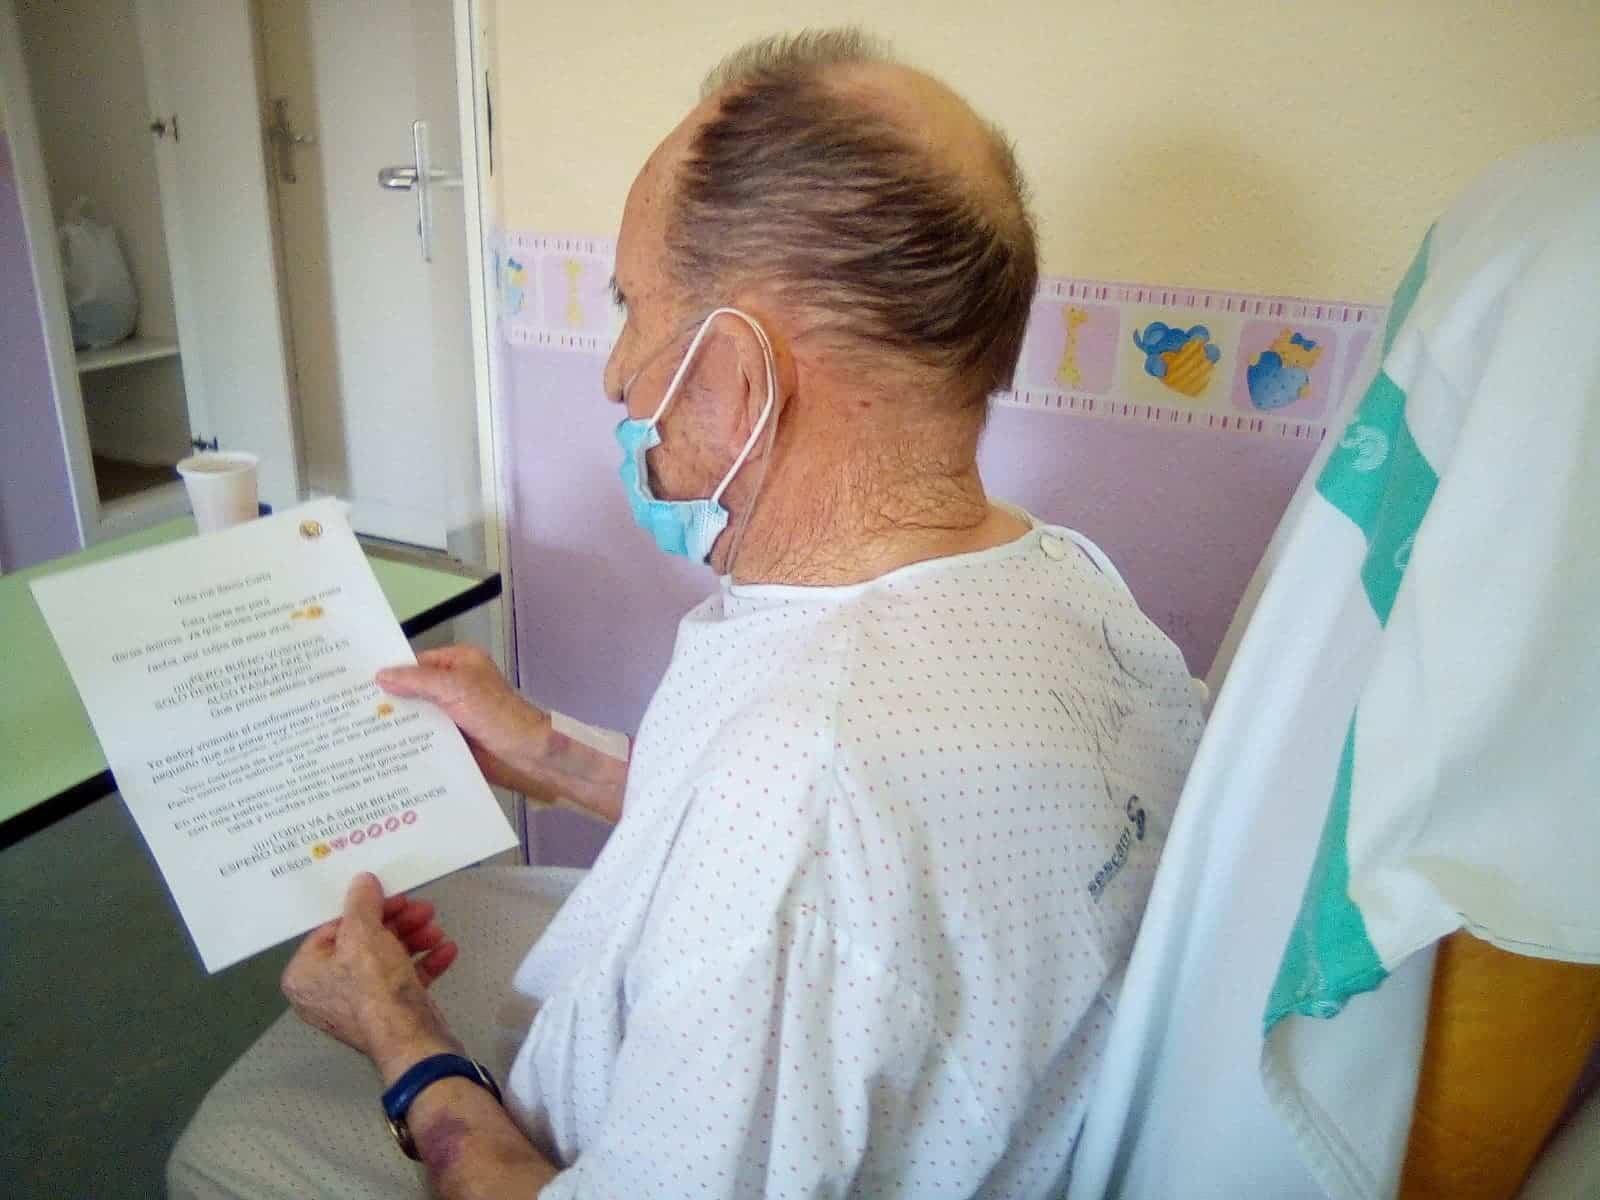 Los alumnos del Colegio Virgen de la Cabeza de Valdepeñas envían cartas de ánimo a los pacientes ingresados en el Hospital de Valdepeñas 7